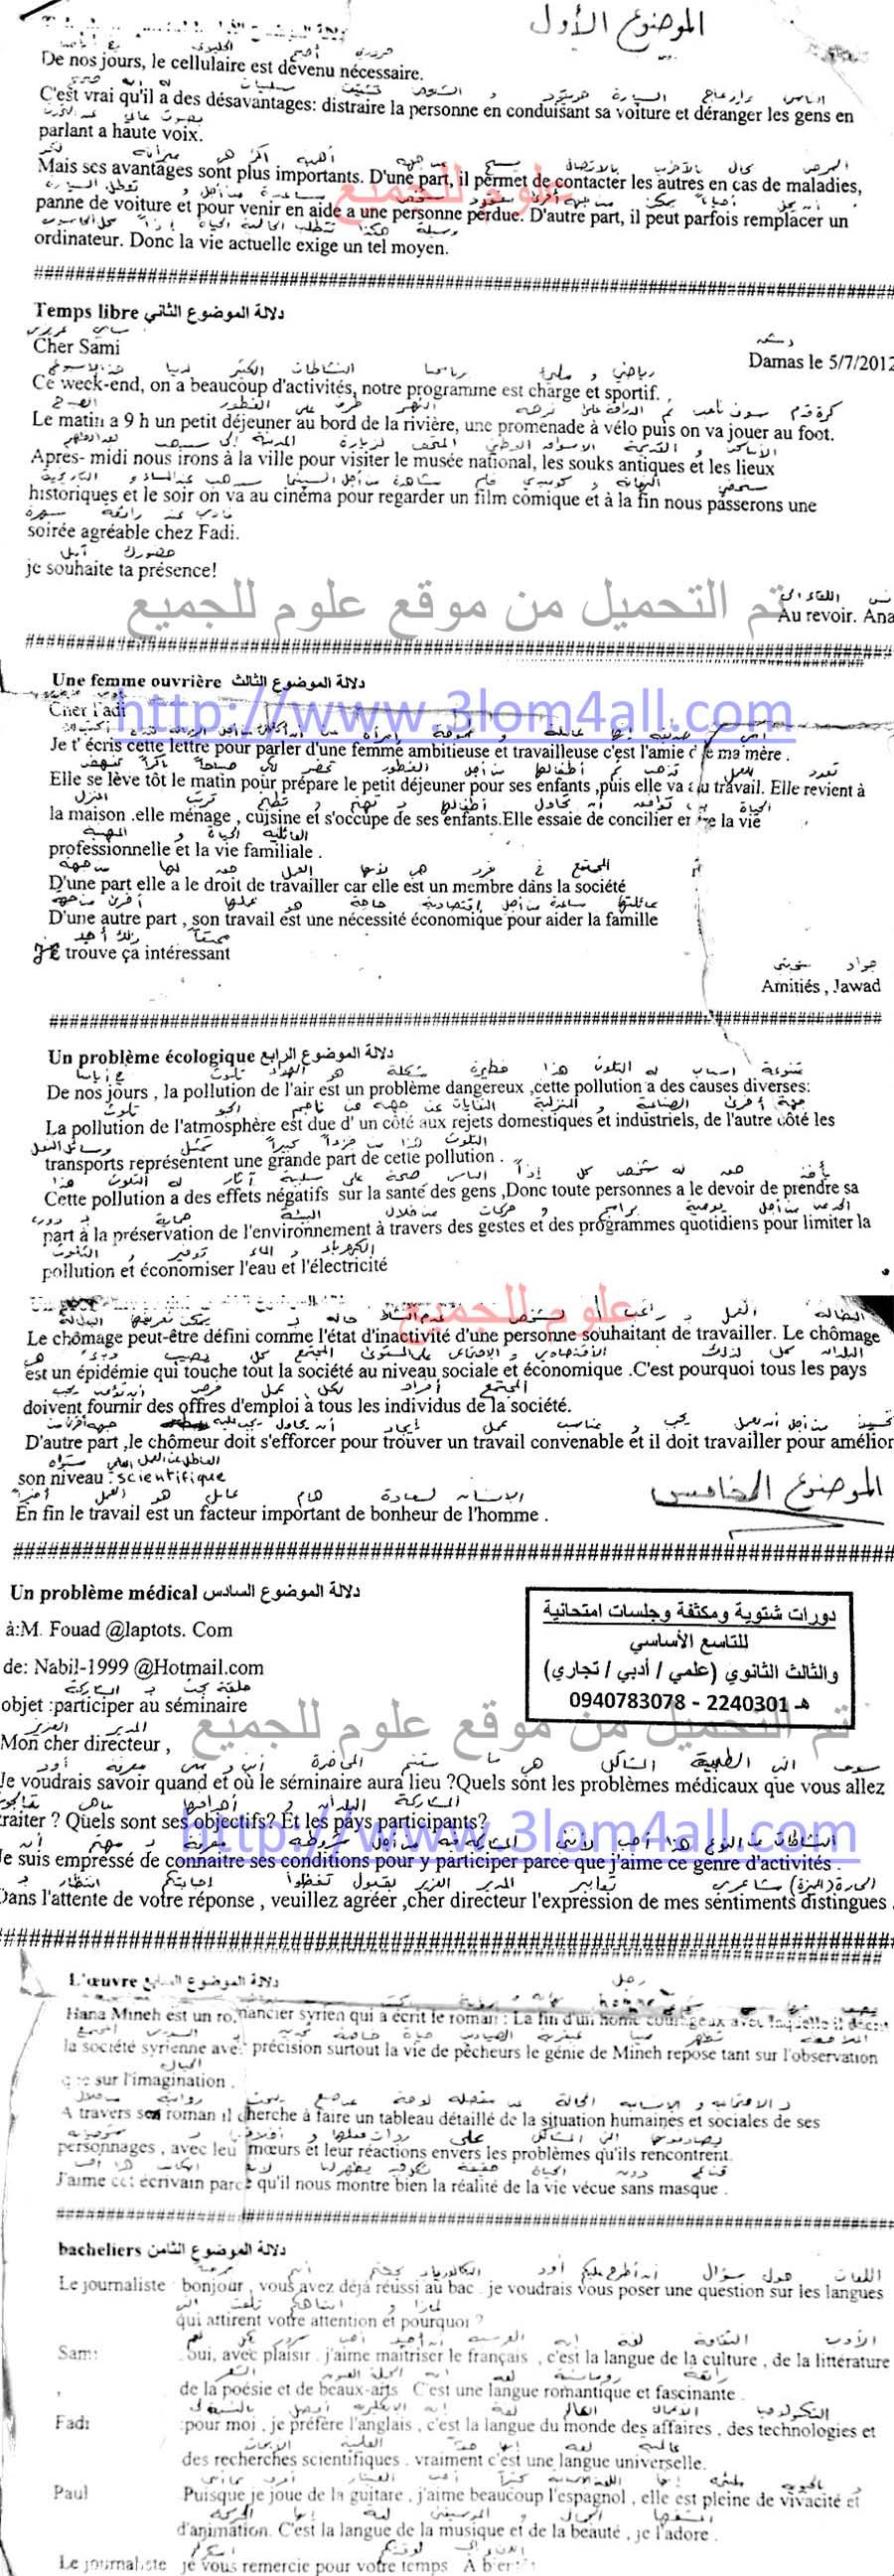 مواضيع اللغة الفرنسية البكالوريا شهادة التعليم الثانوي سوريا الثالث الثانوي مادة الفرنسي